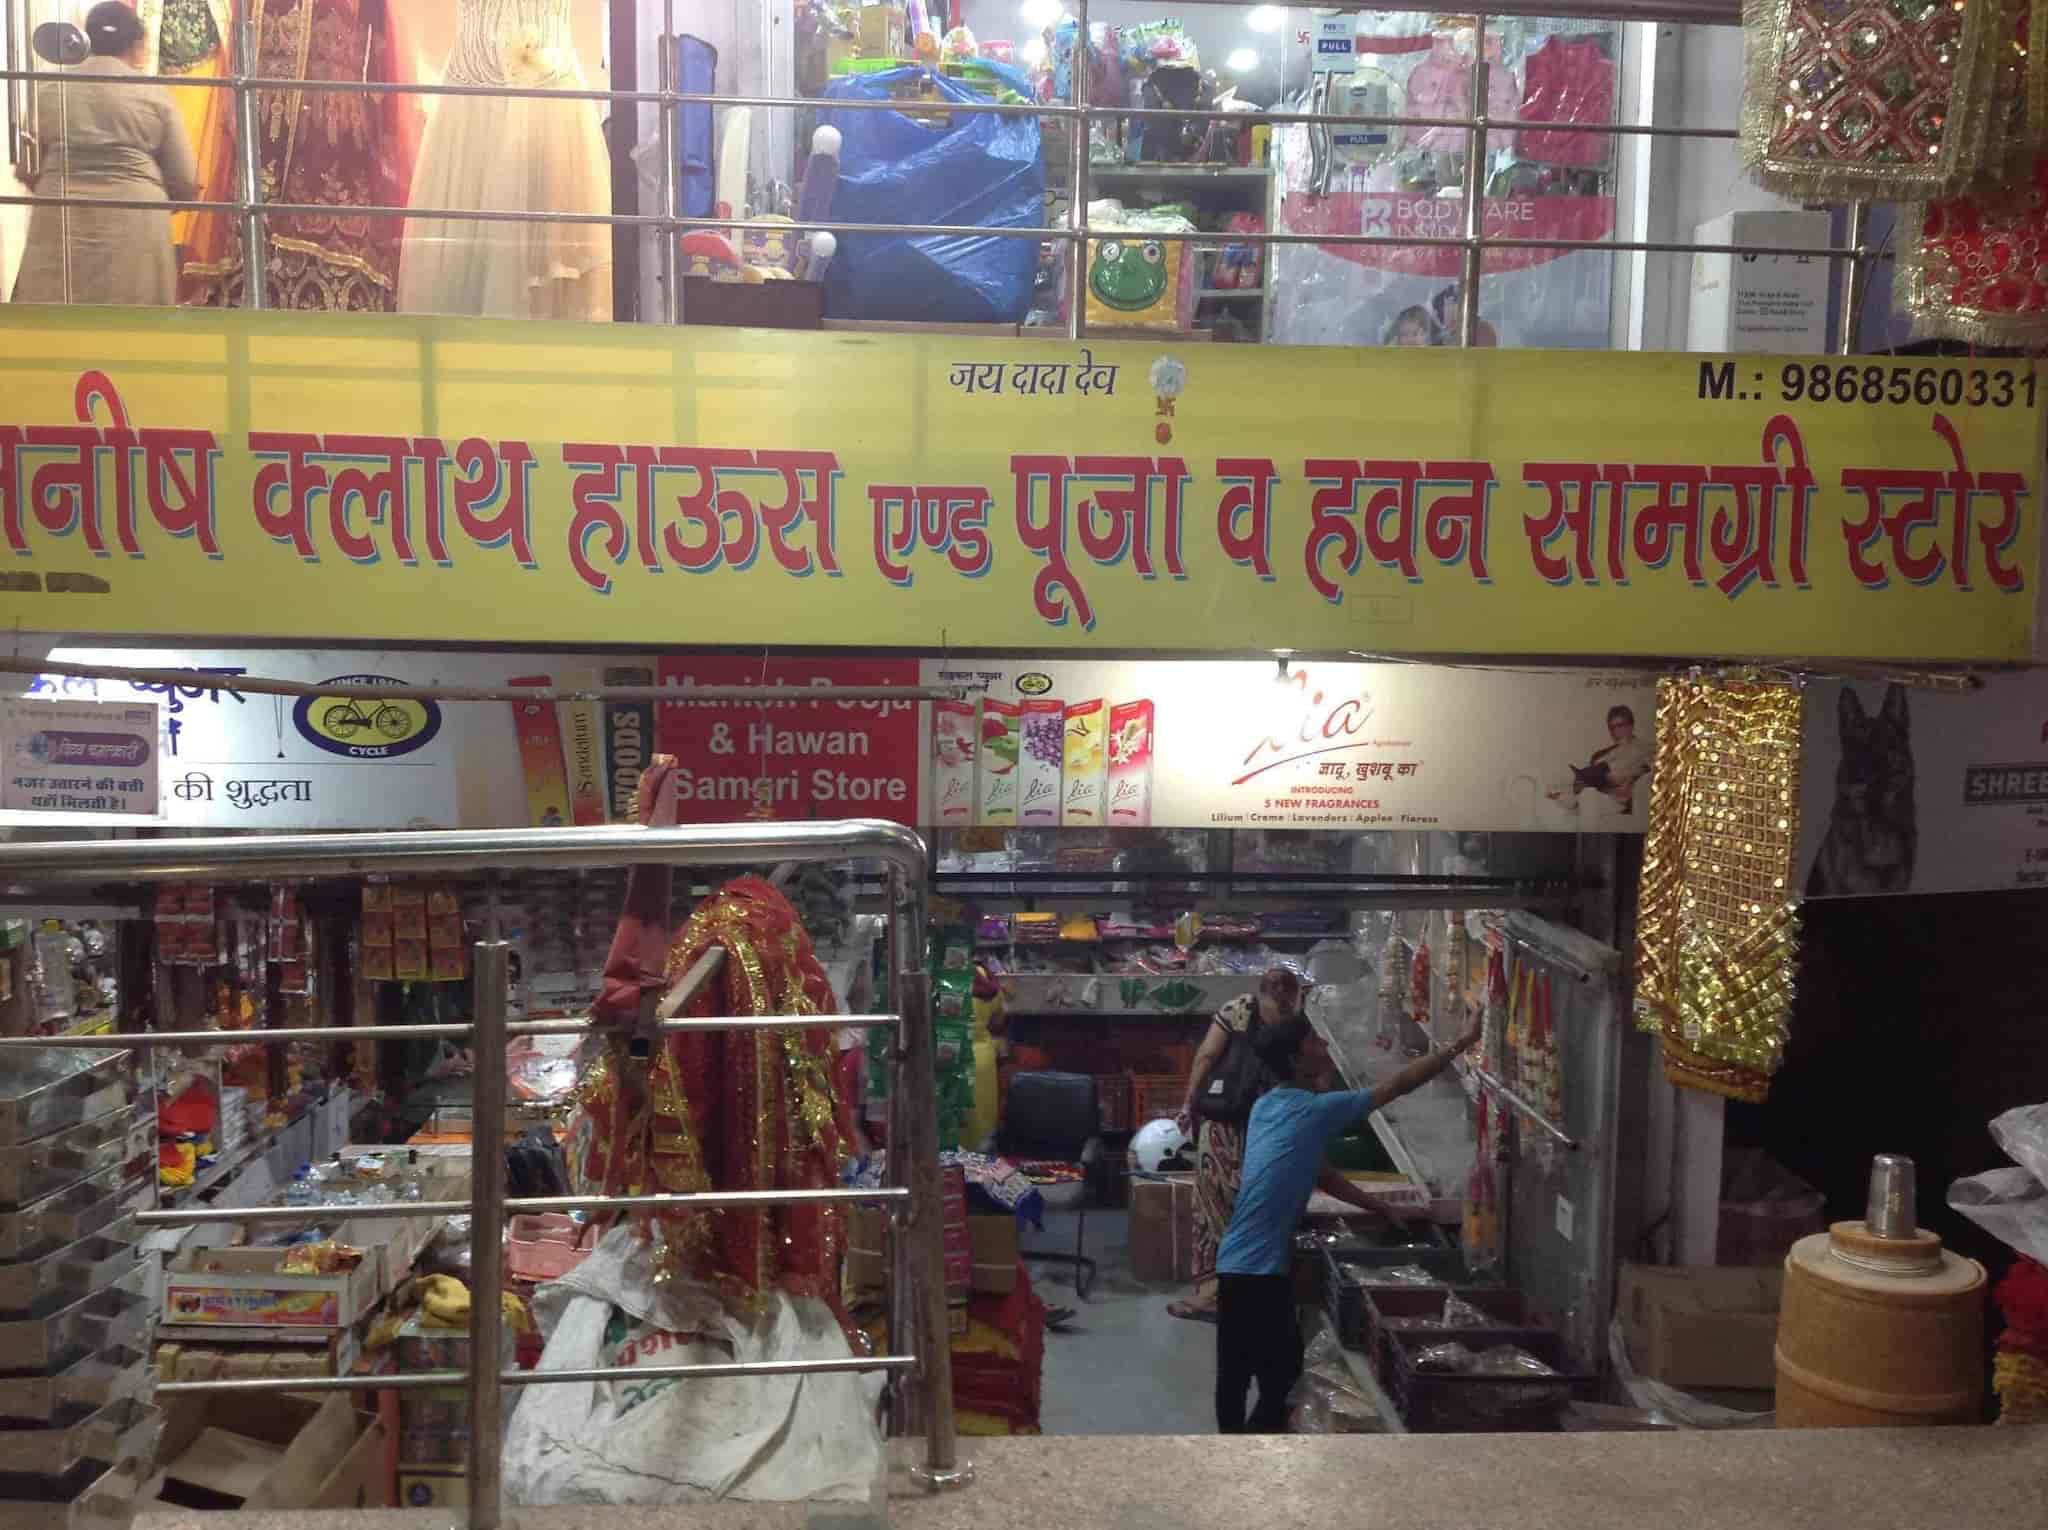 Manish Cloth House & Puja Hawan Samagri Store, Dwarka Sector